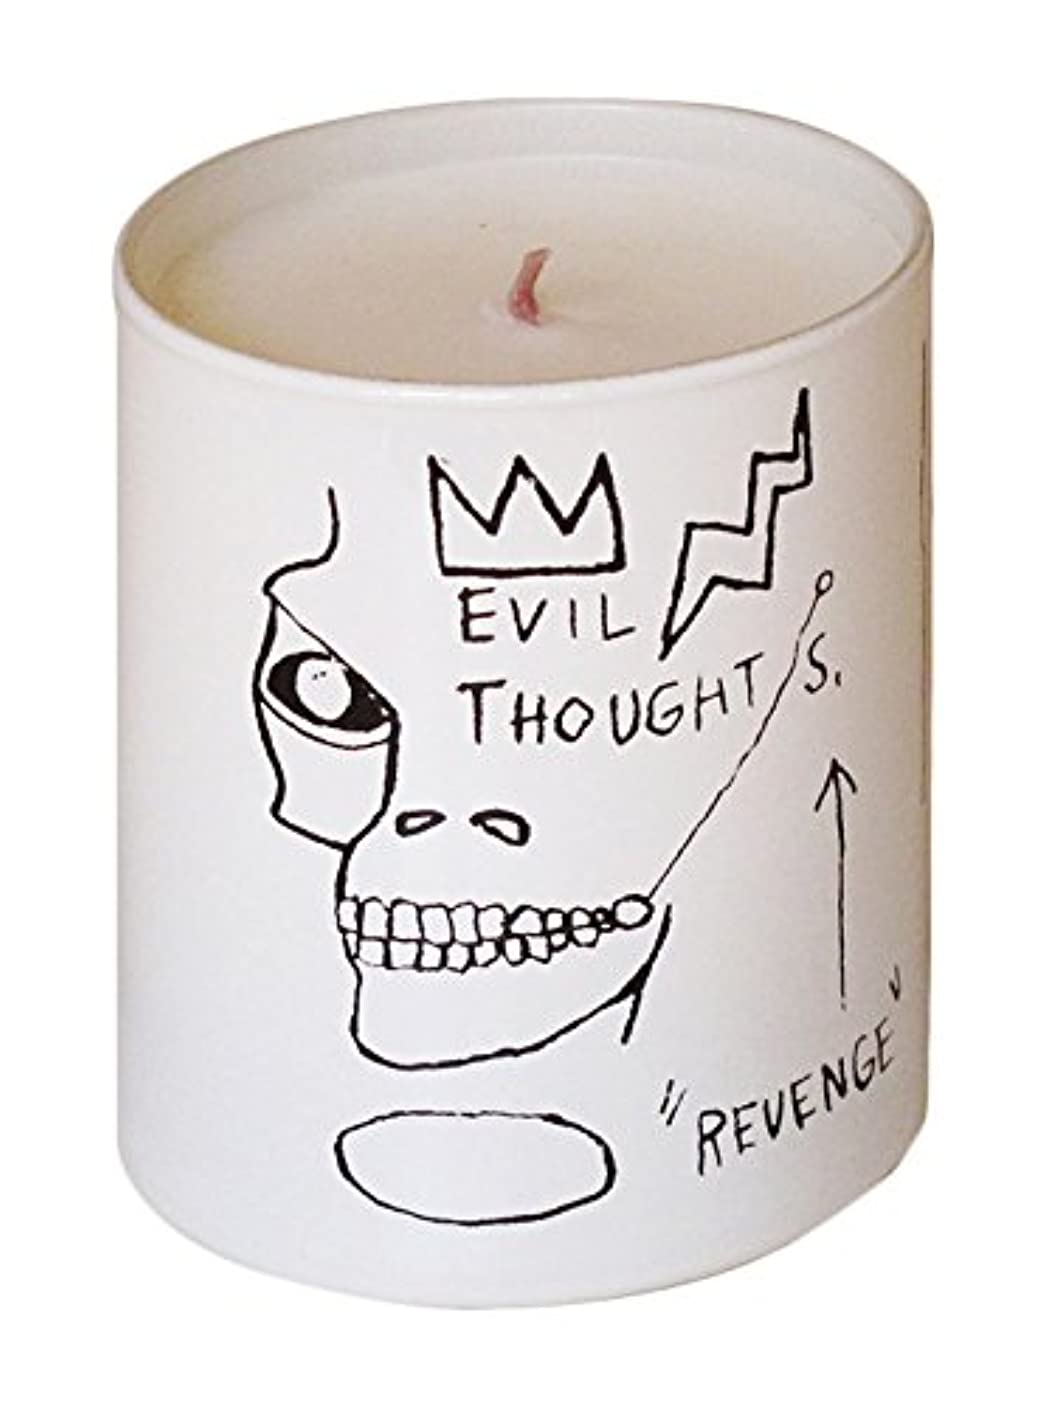 急降下リブ一貫性のないジャン ミシェル バスキア リベンジ キャンドル(Jean-Michael Basquiat Perfumed Candle